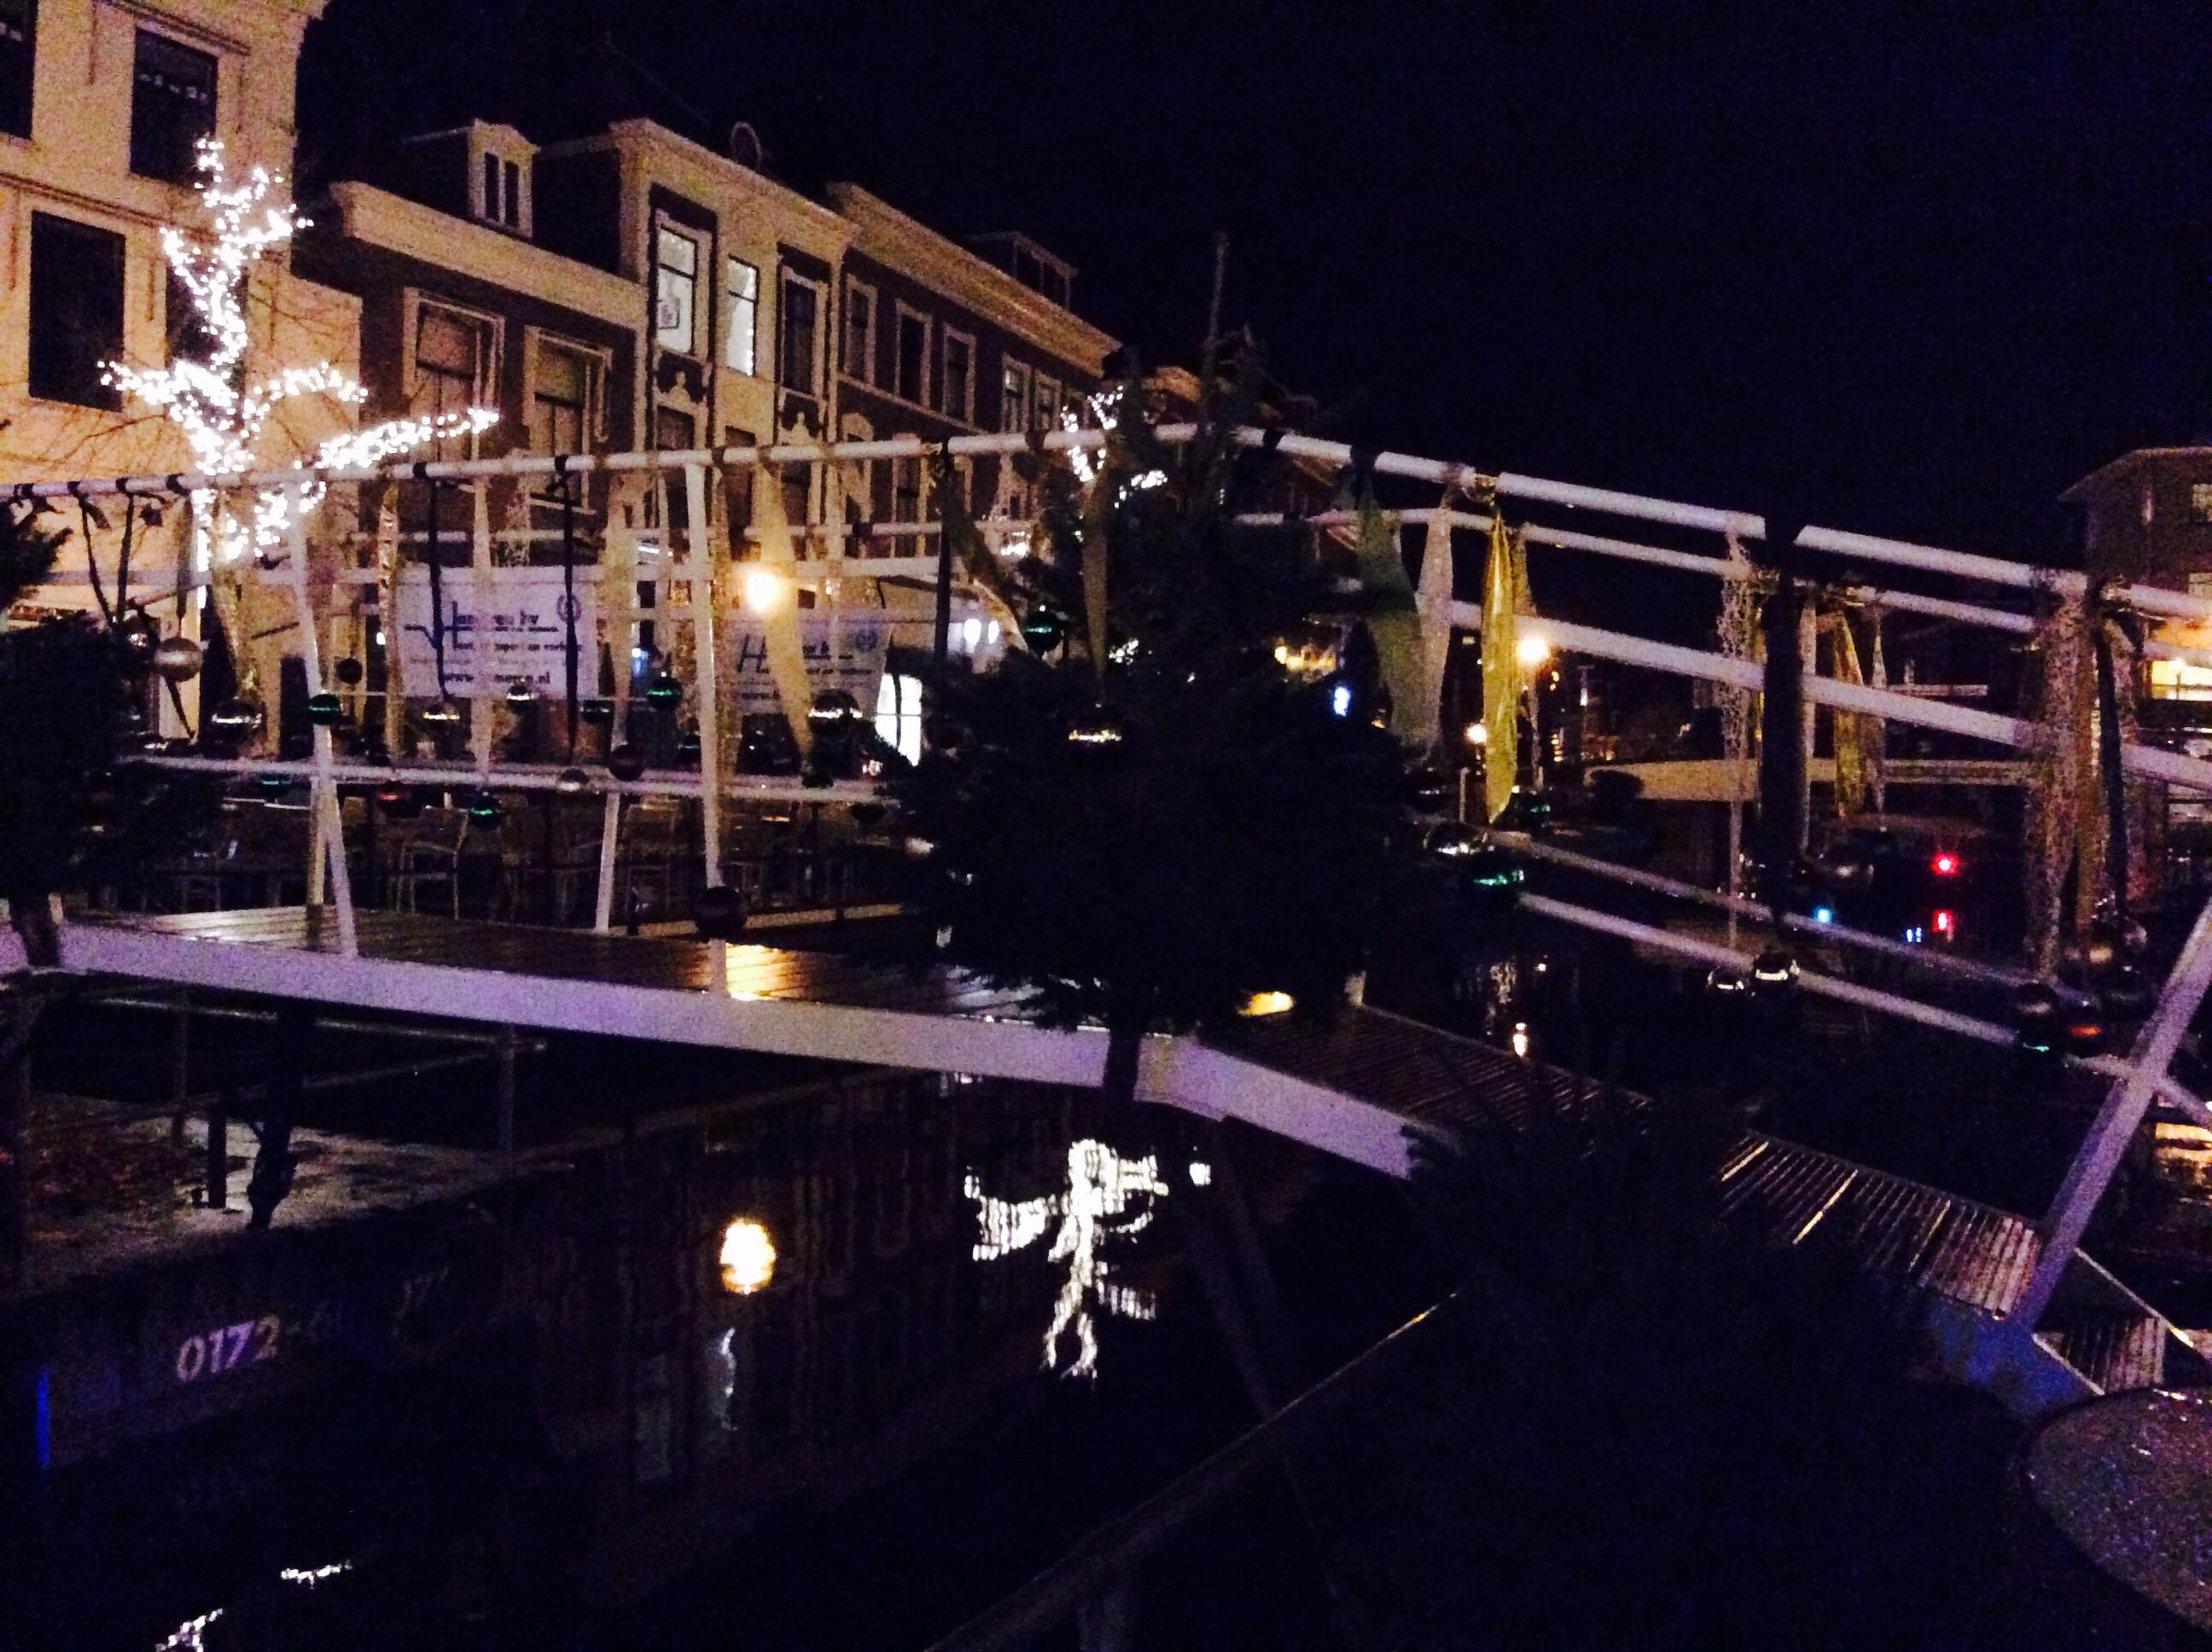 Úszó karácsonyi vásár a hollandiai Leidenben (Fotó: Békési Barbara)